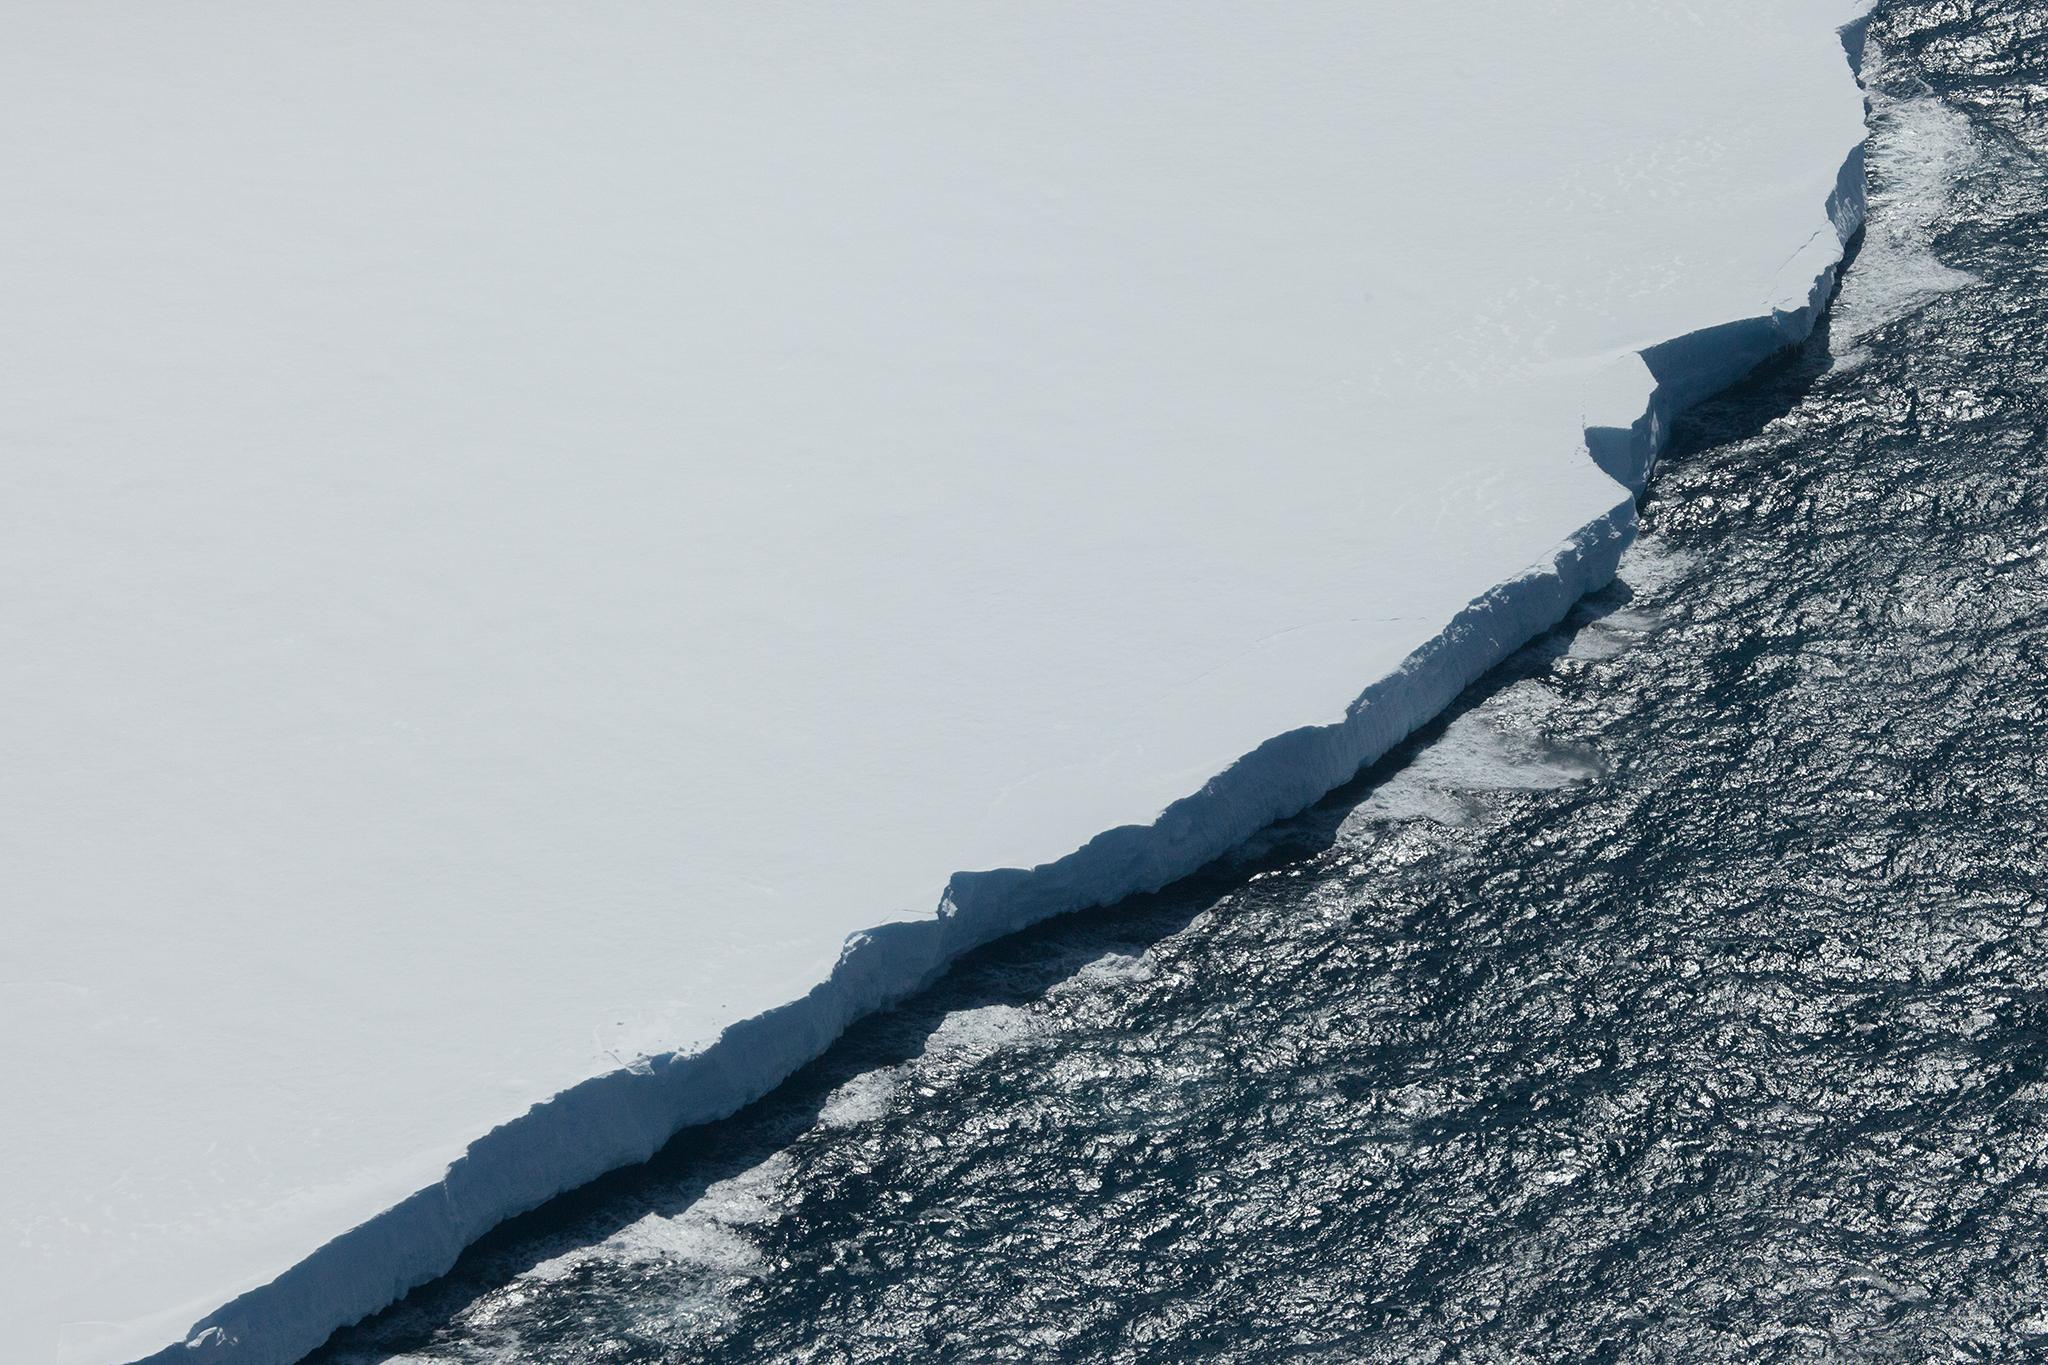 018-TW-Icebergs-140105.jpg